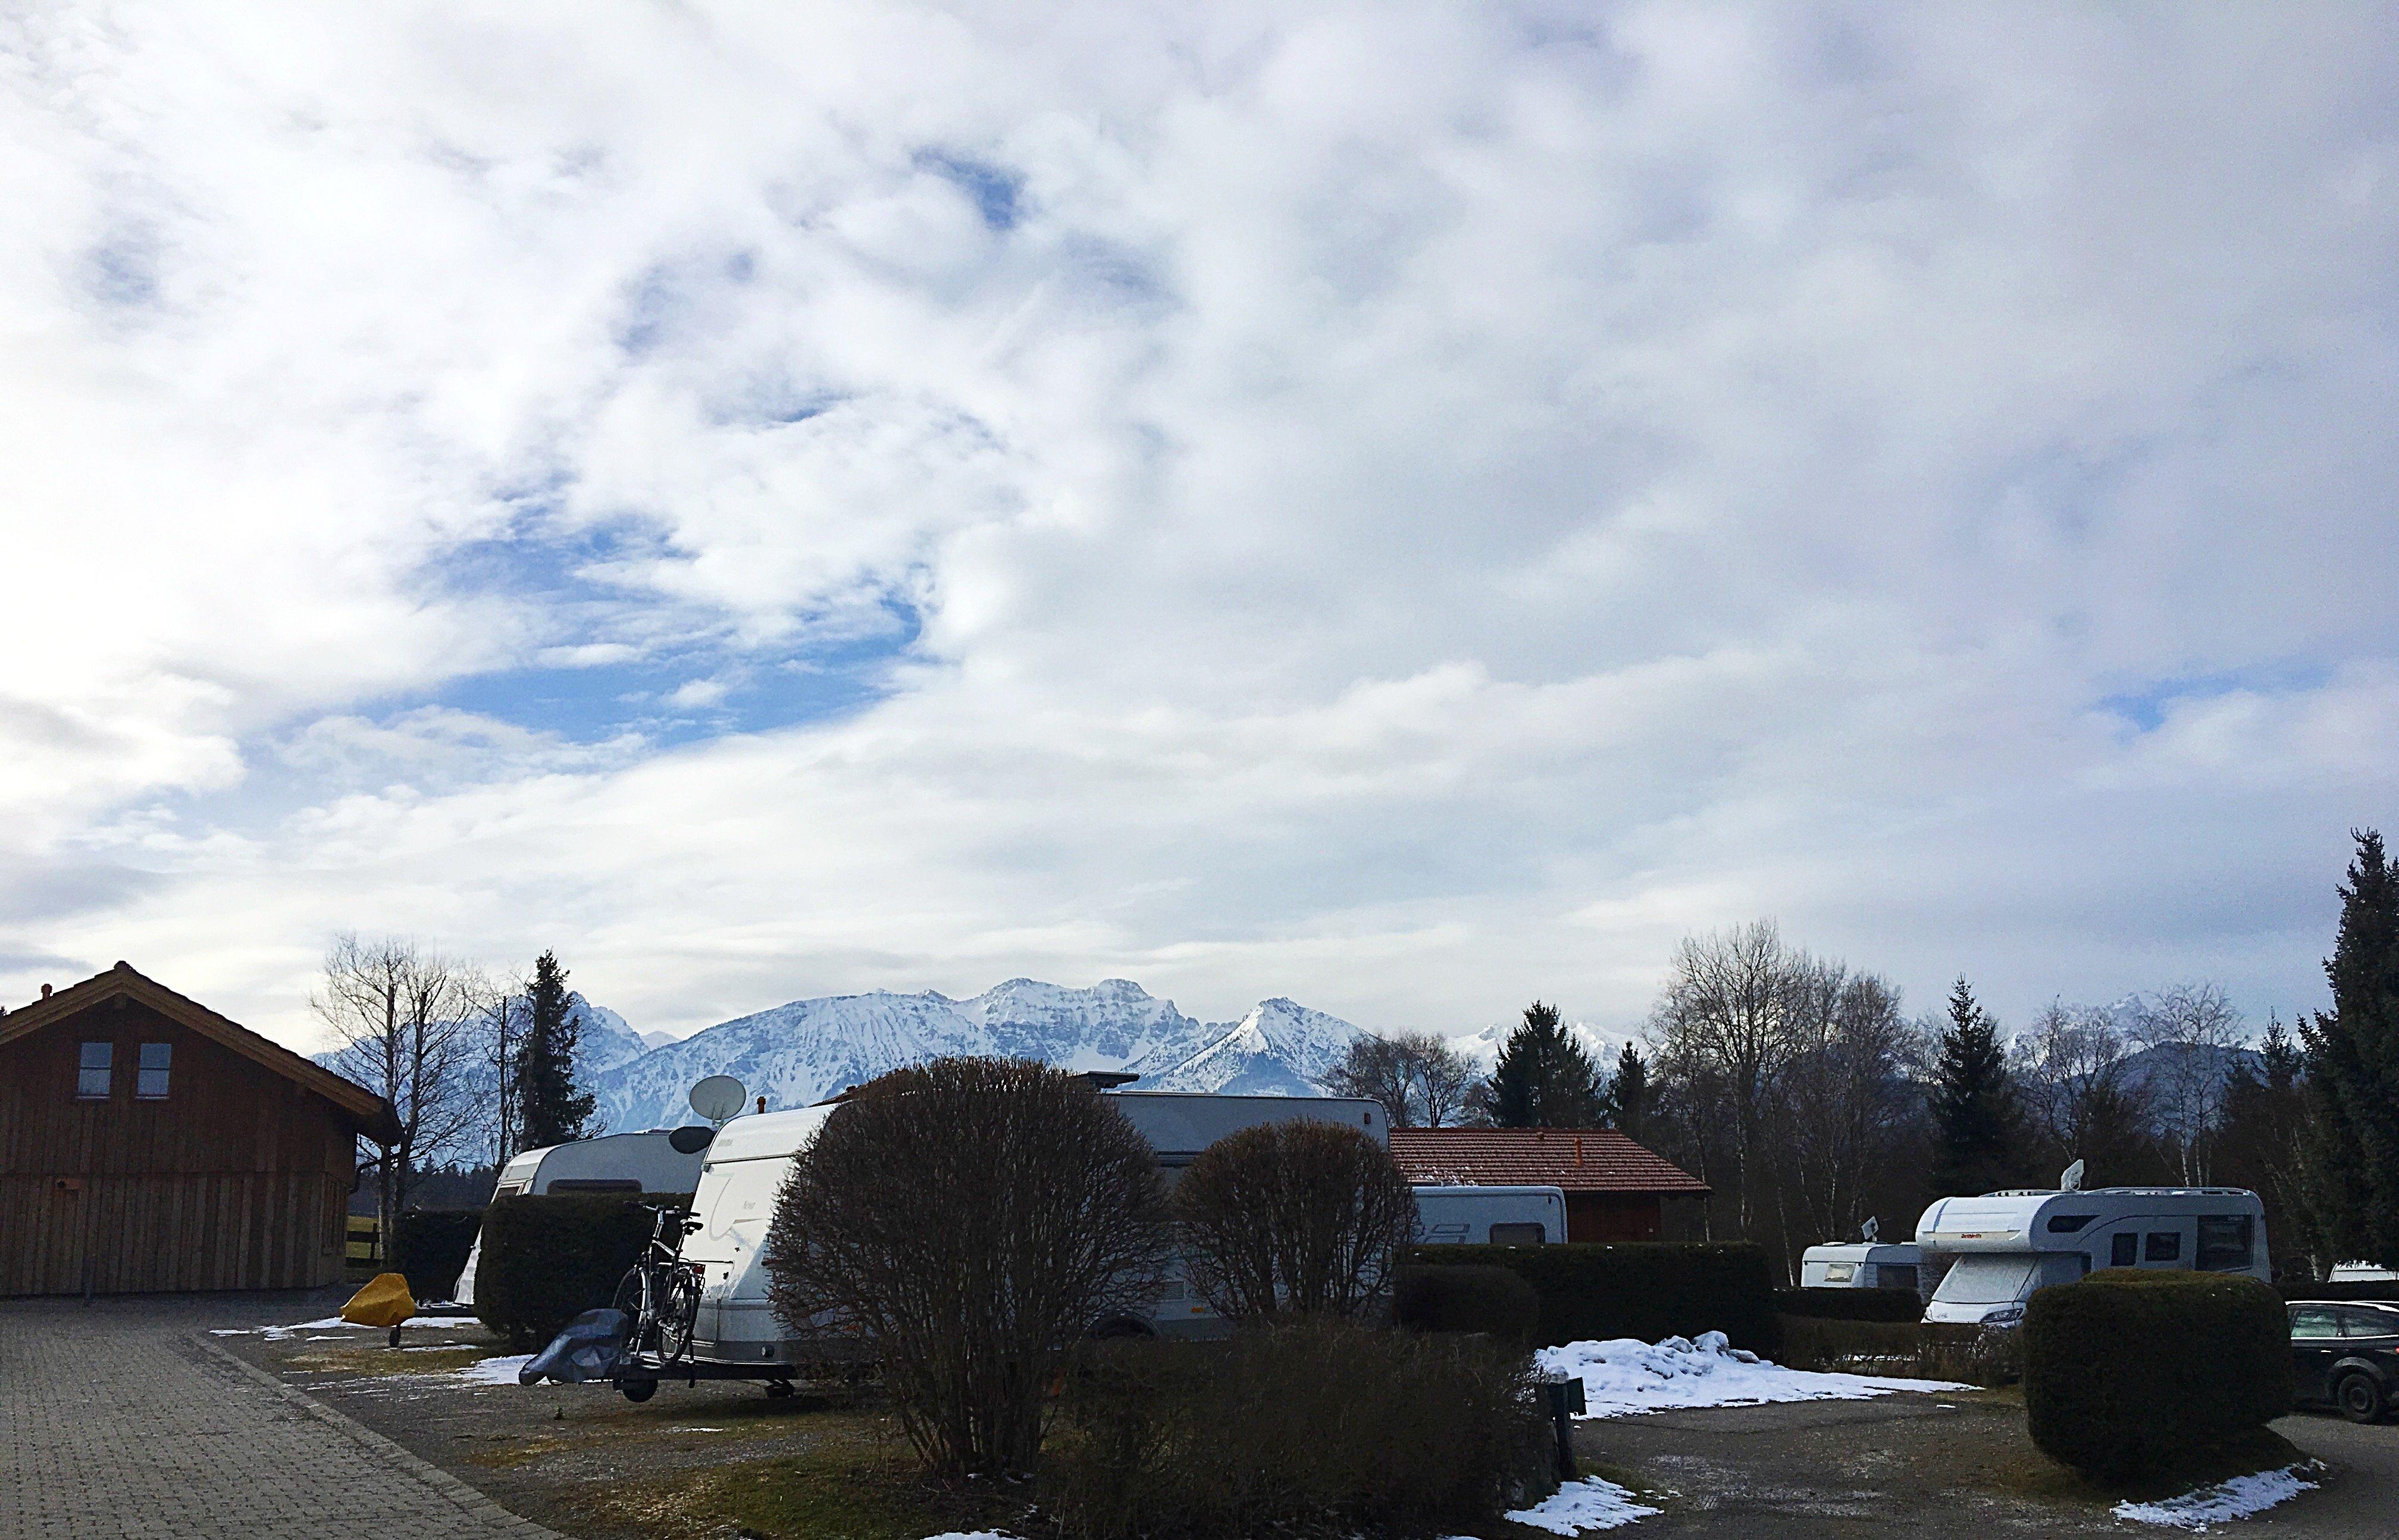 Foto 11.02.18 10 14 32 - Camping Hopfensee - Ein Campingplatz für Familien